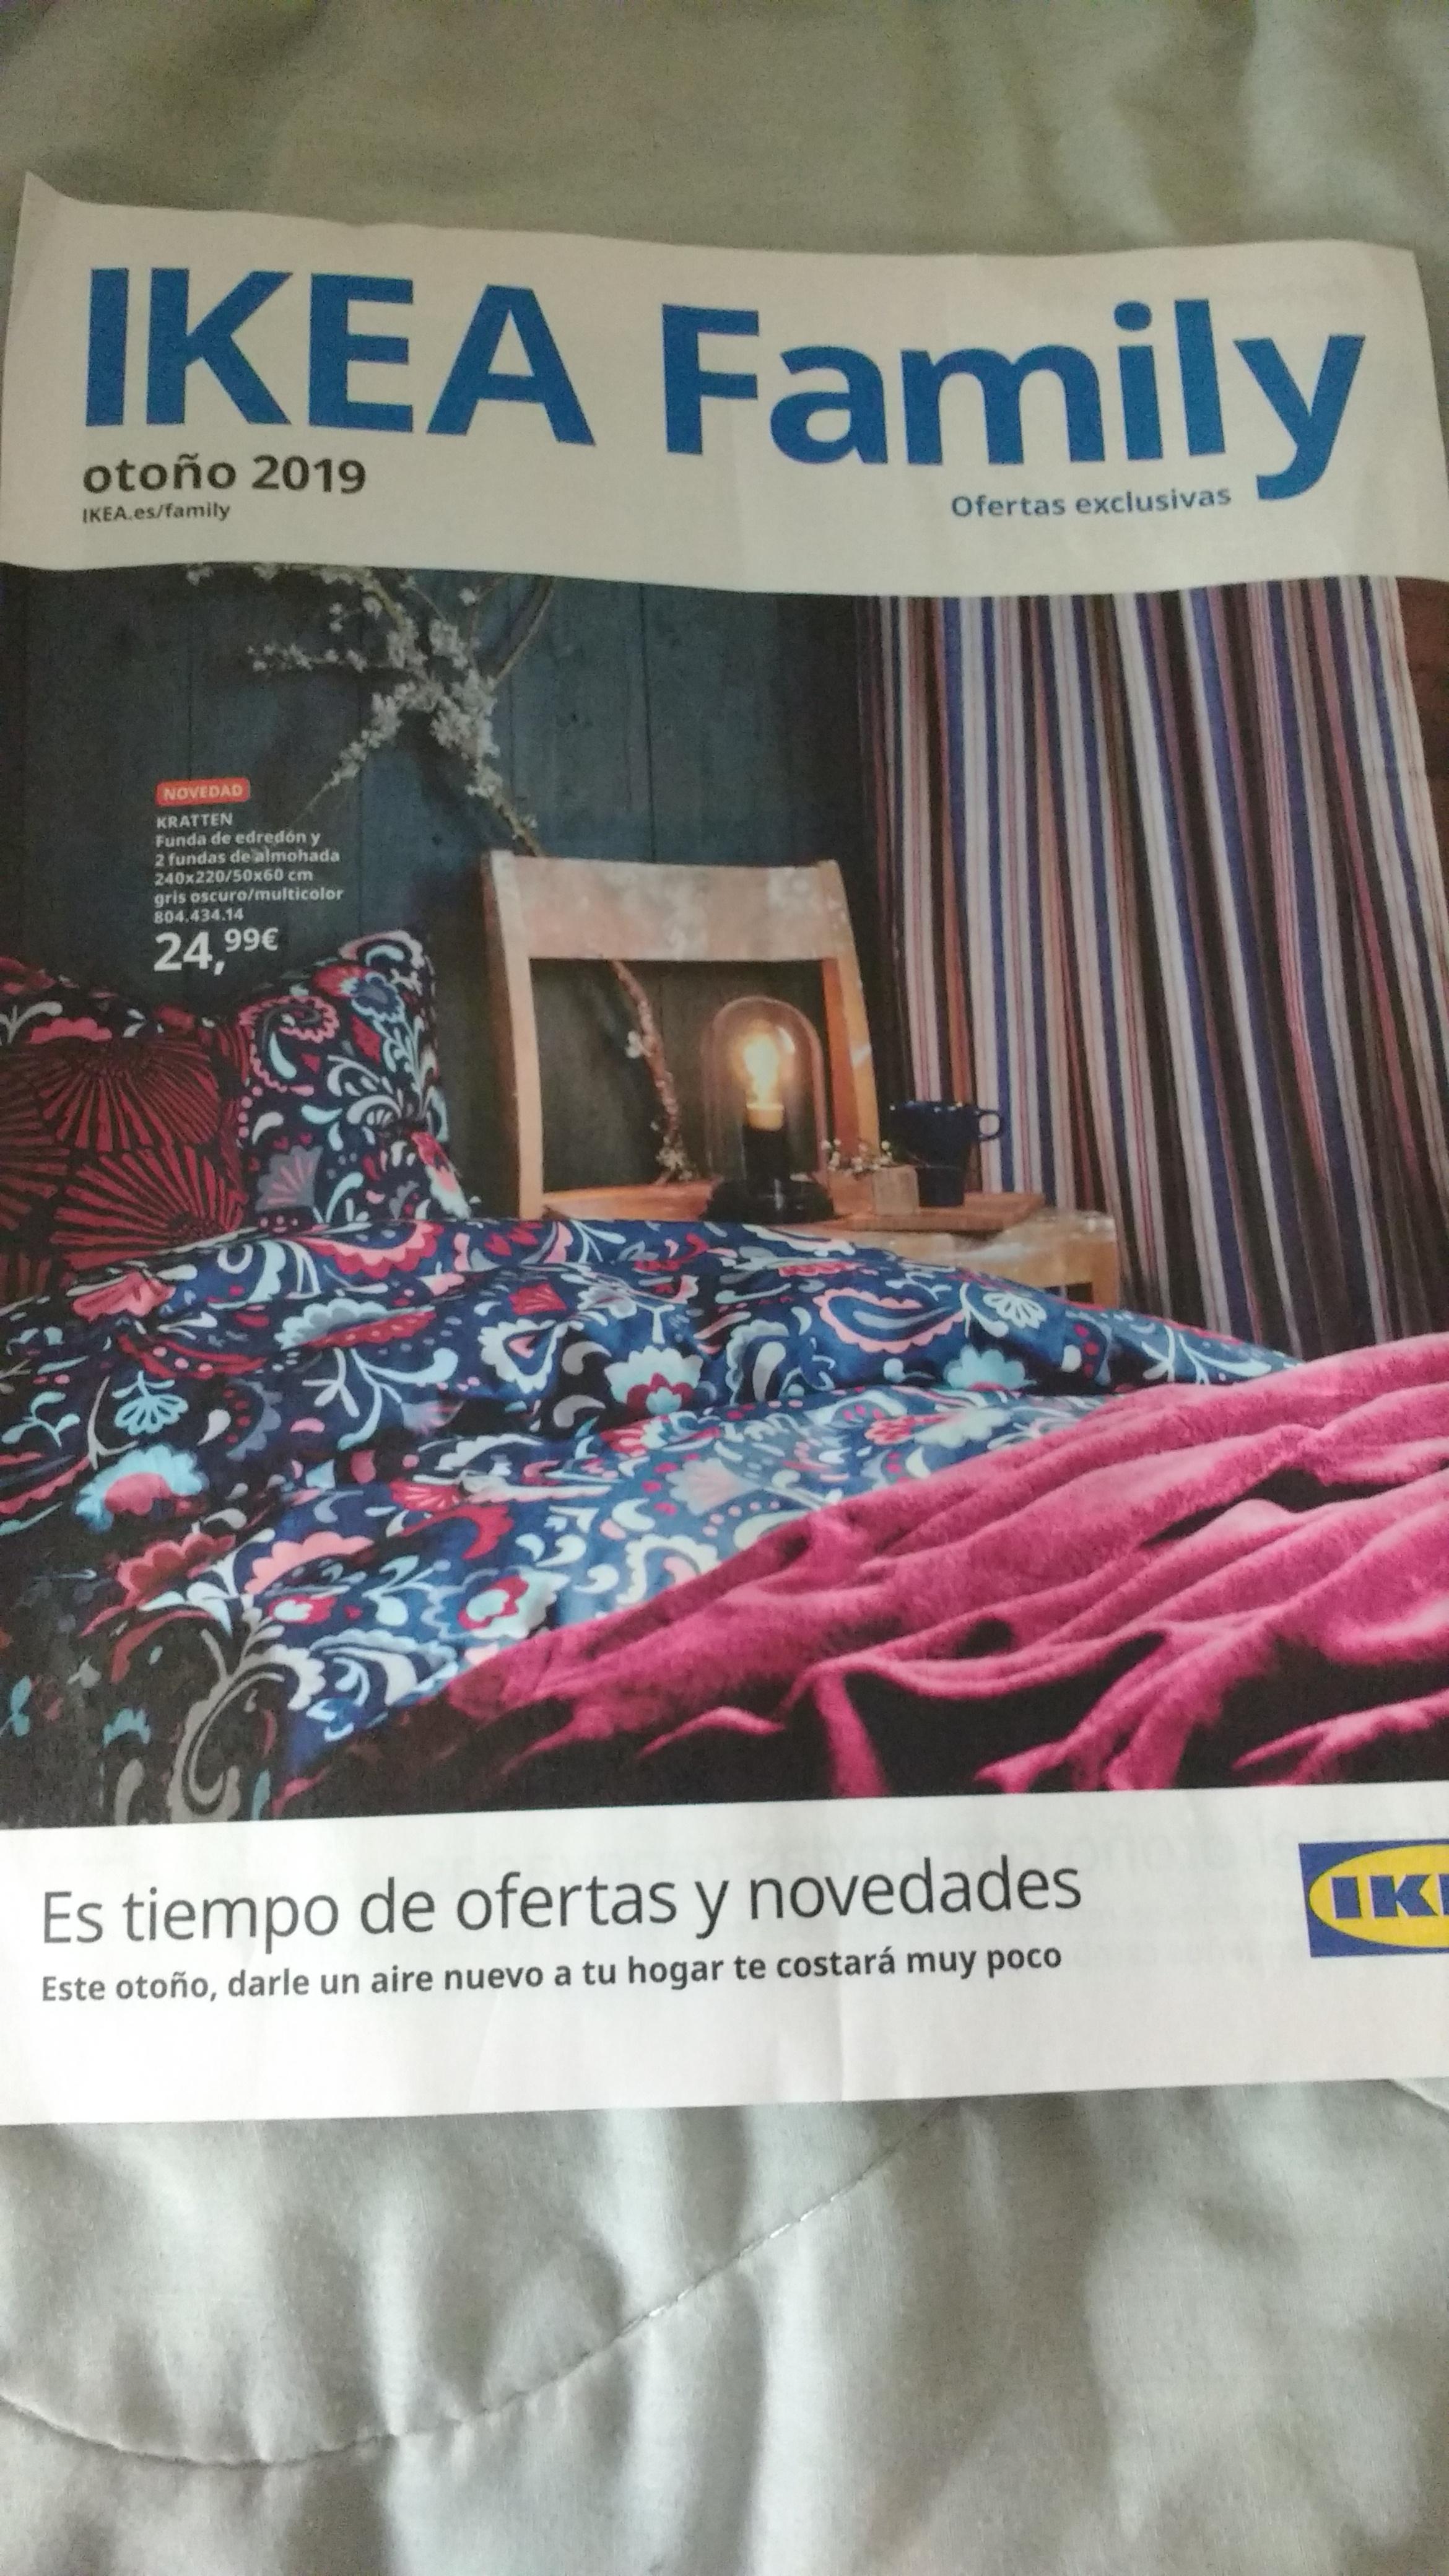 Nuevos descuentos otoño con tarjeta Ikea family